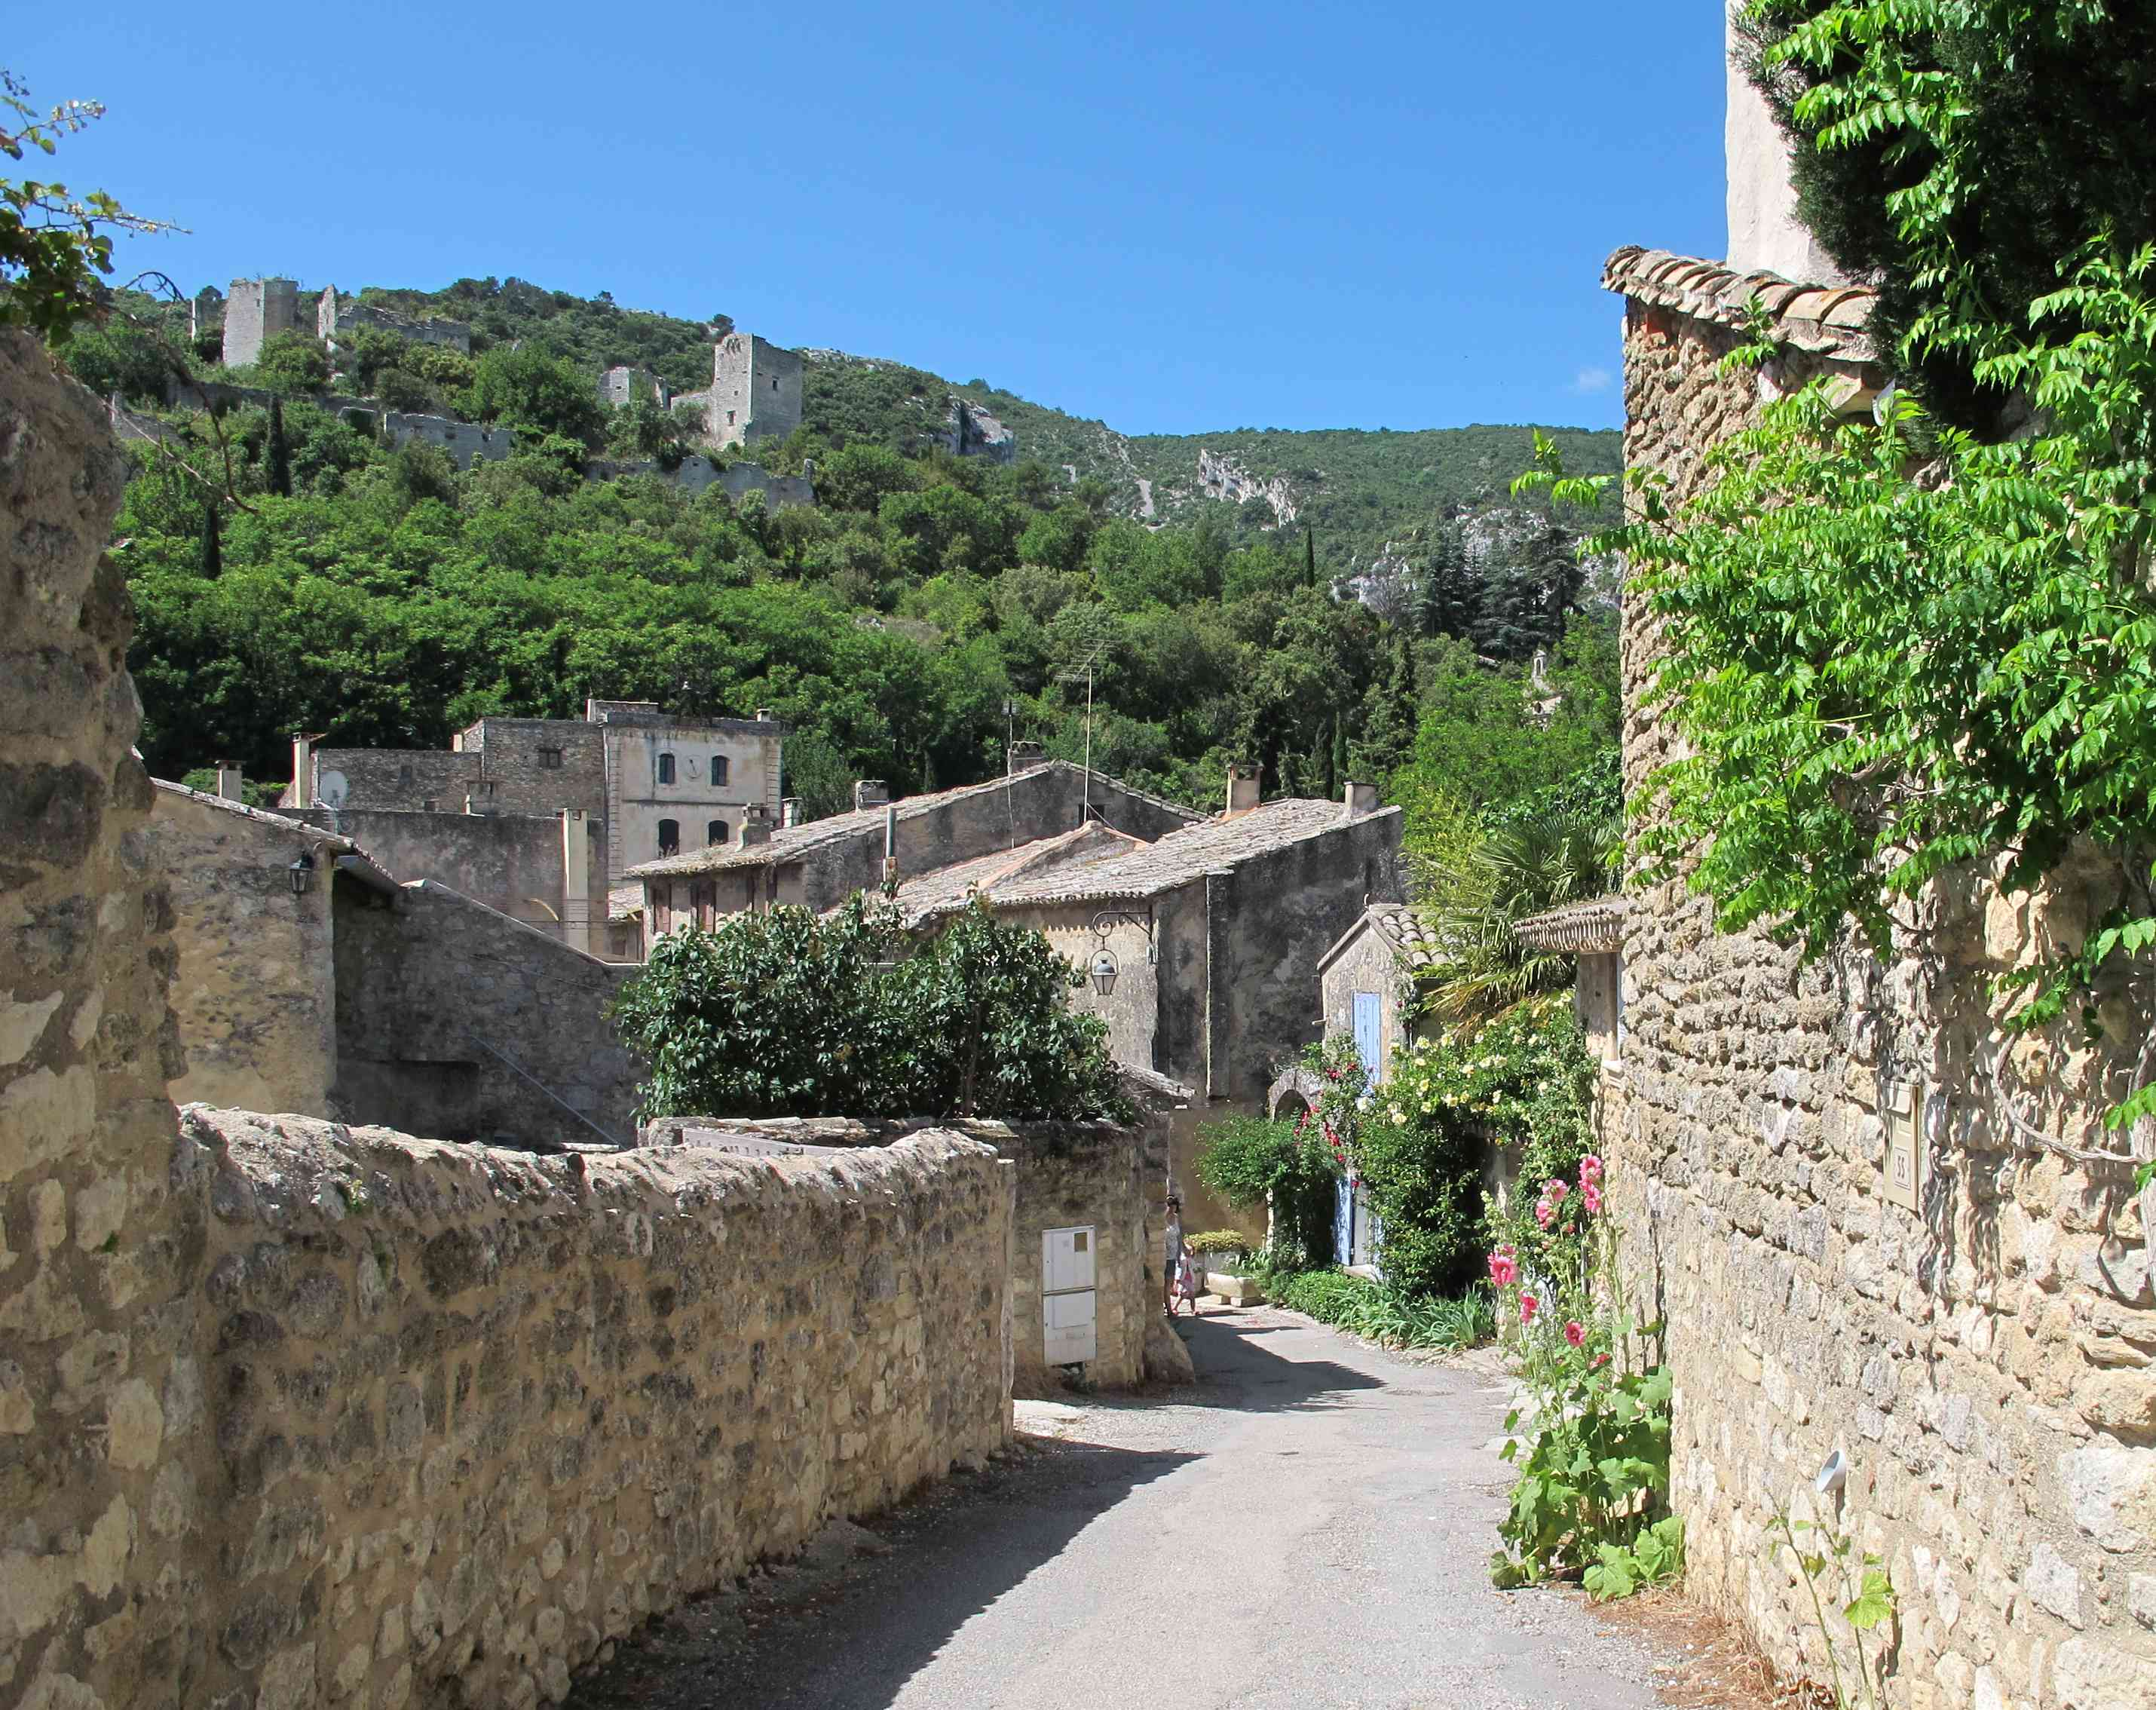 """In der Provence kann man verwunschene kleine Dörfer entdecken - sie werden """"villages perchés"""" genannt. Hier schlummert das verlassene Oppède-le-vieux vor sich hin."""